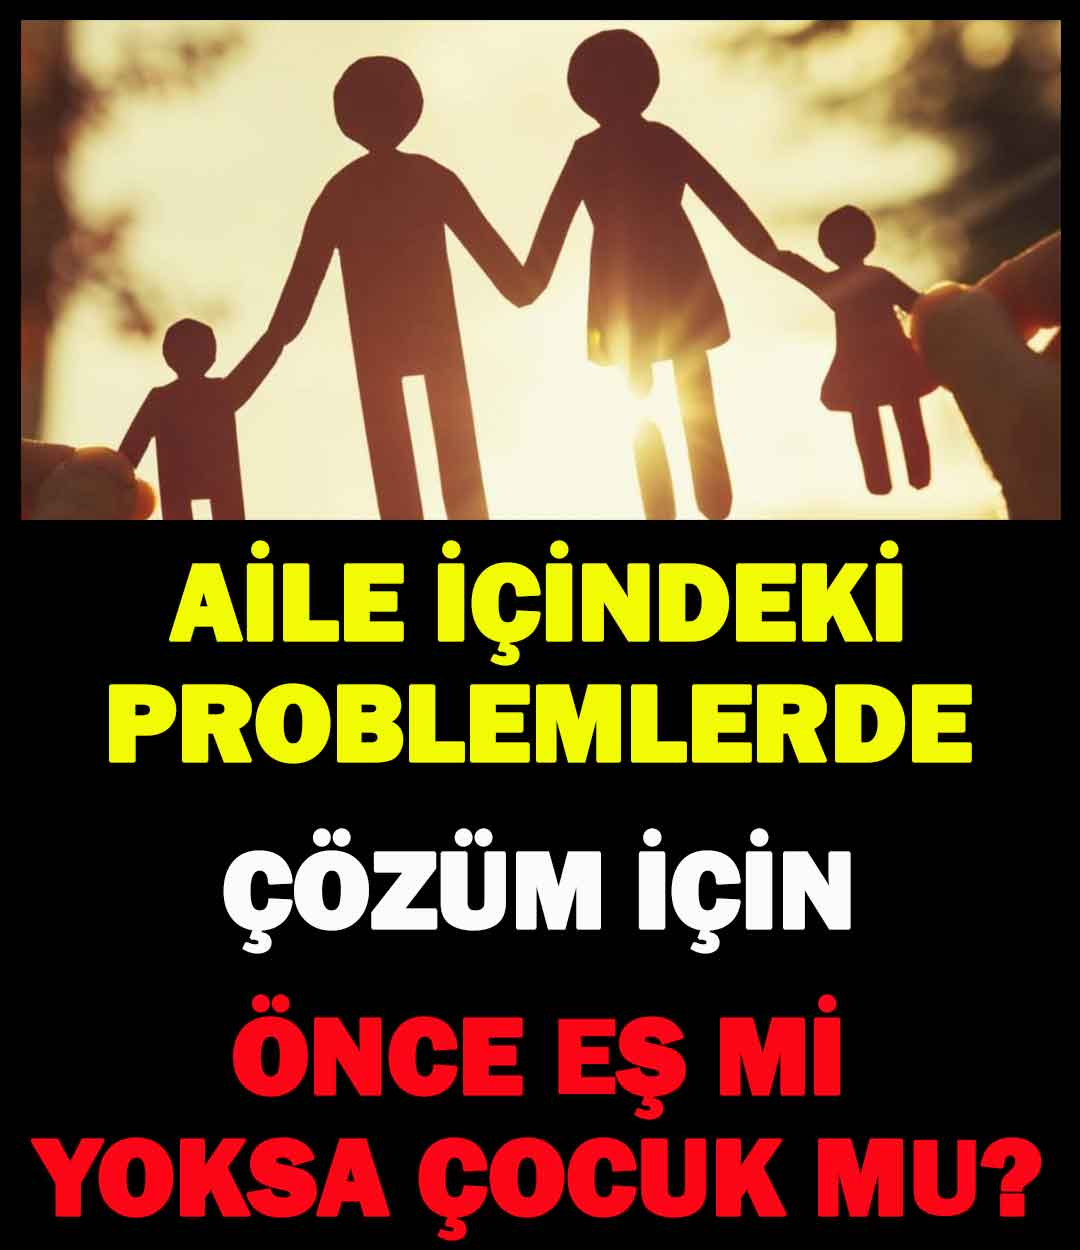 aileiçindekiproblemler